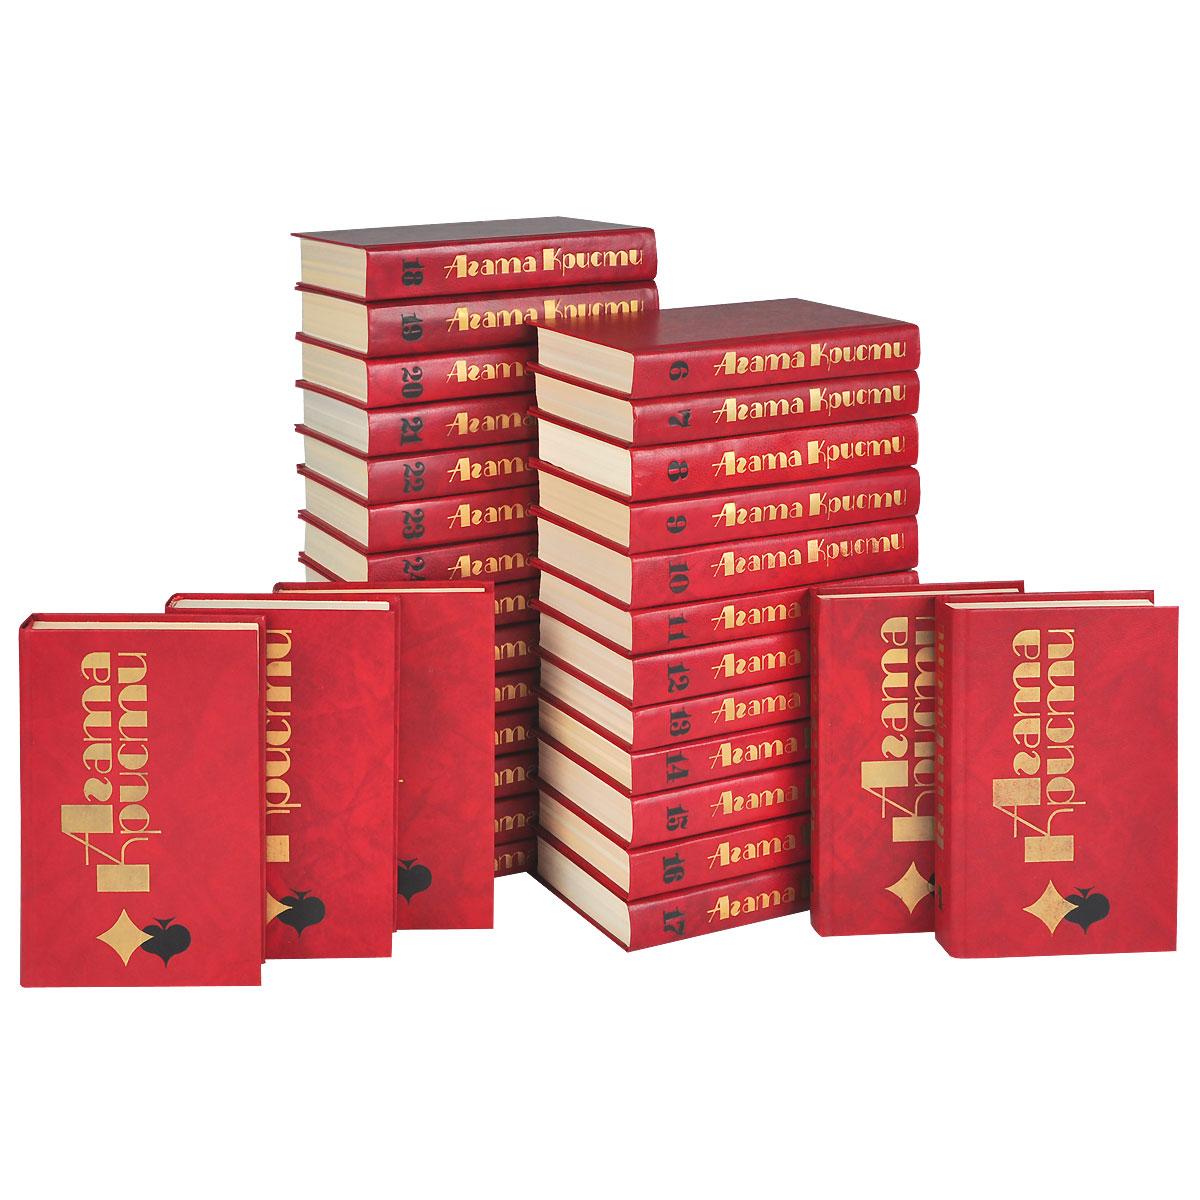 Агата Кристи. Избранные произведения (комплект из 30 книг)